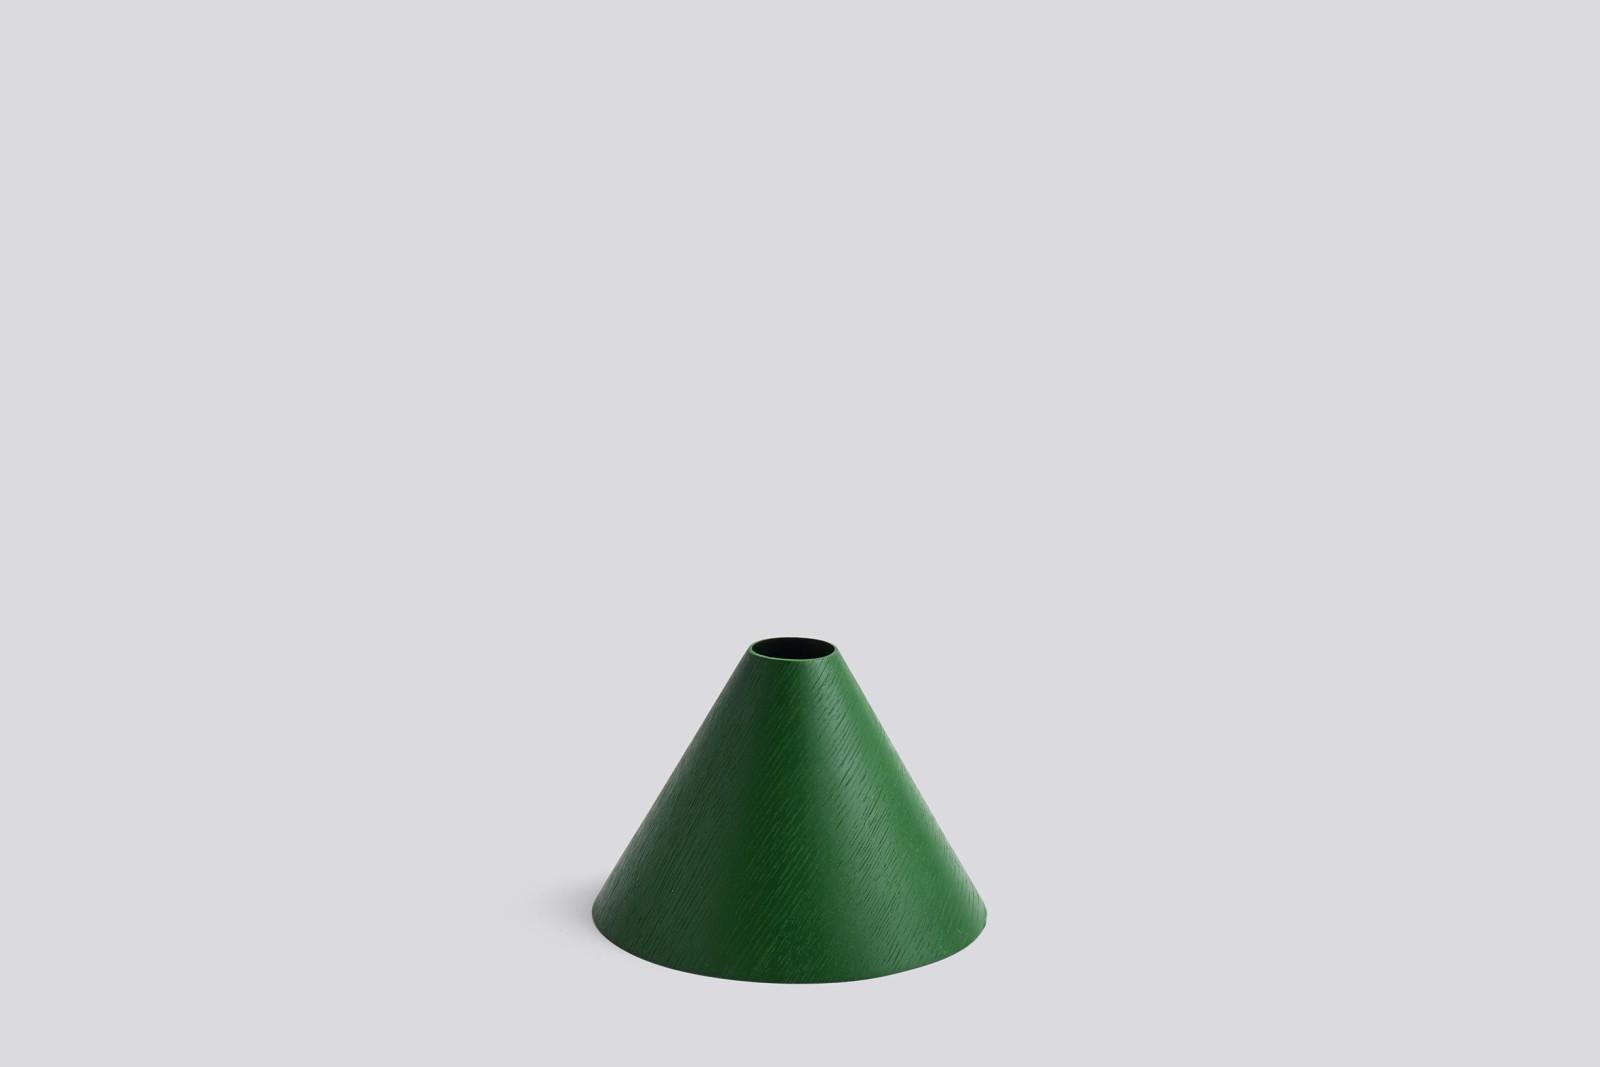 30degree Lamp Shade Green Shade, Small